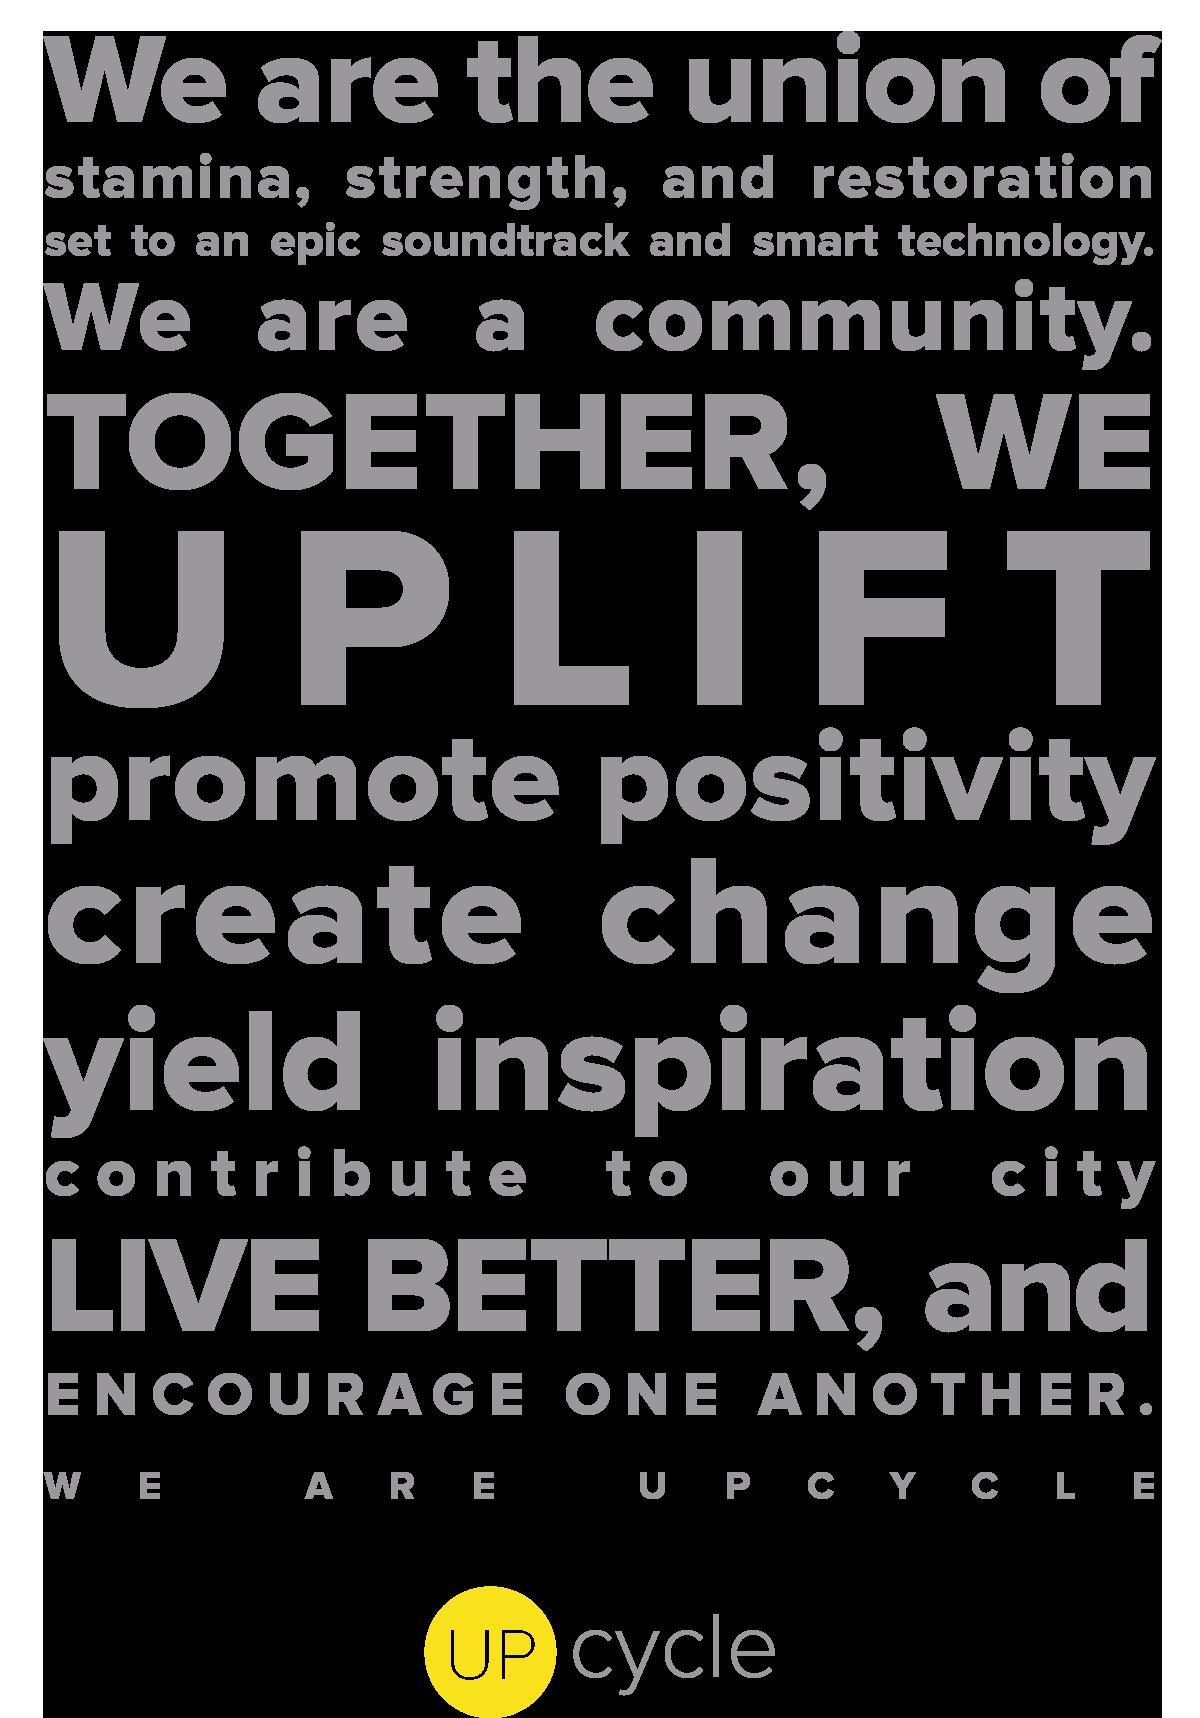 UpCycle Boise Philosophy